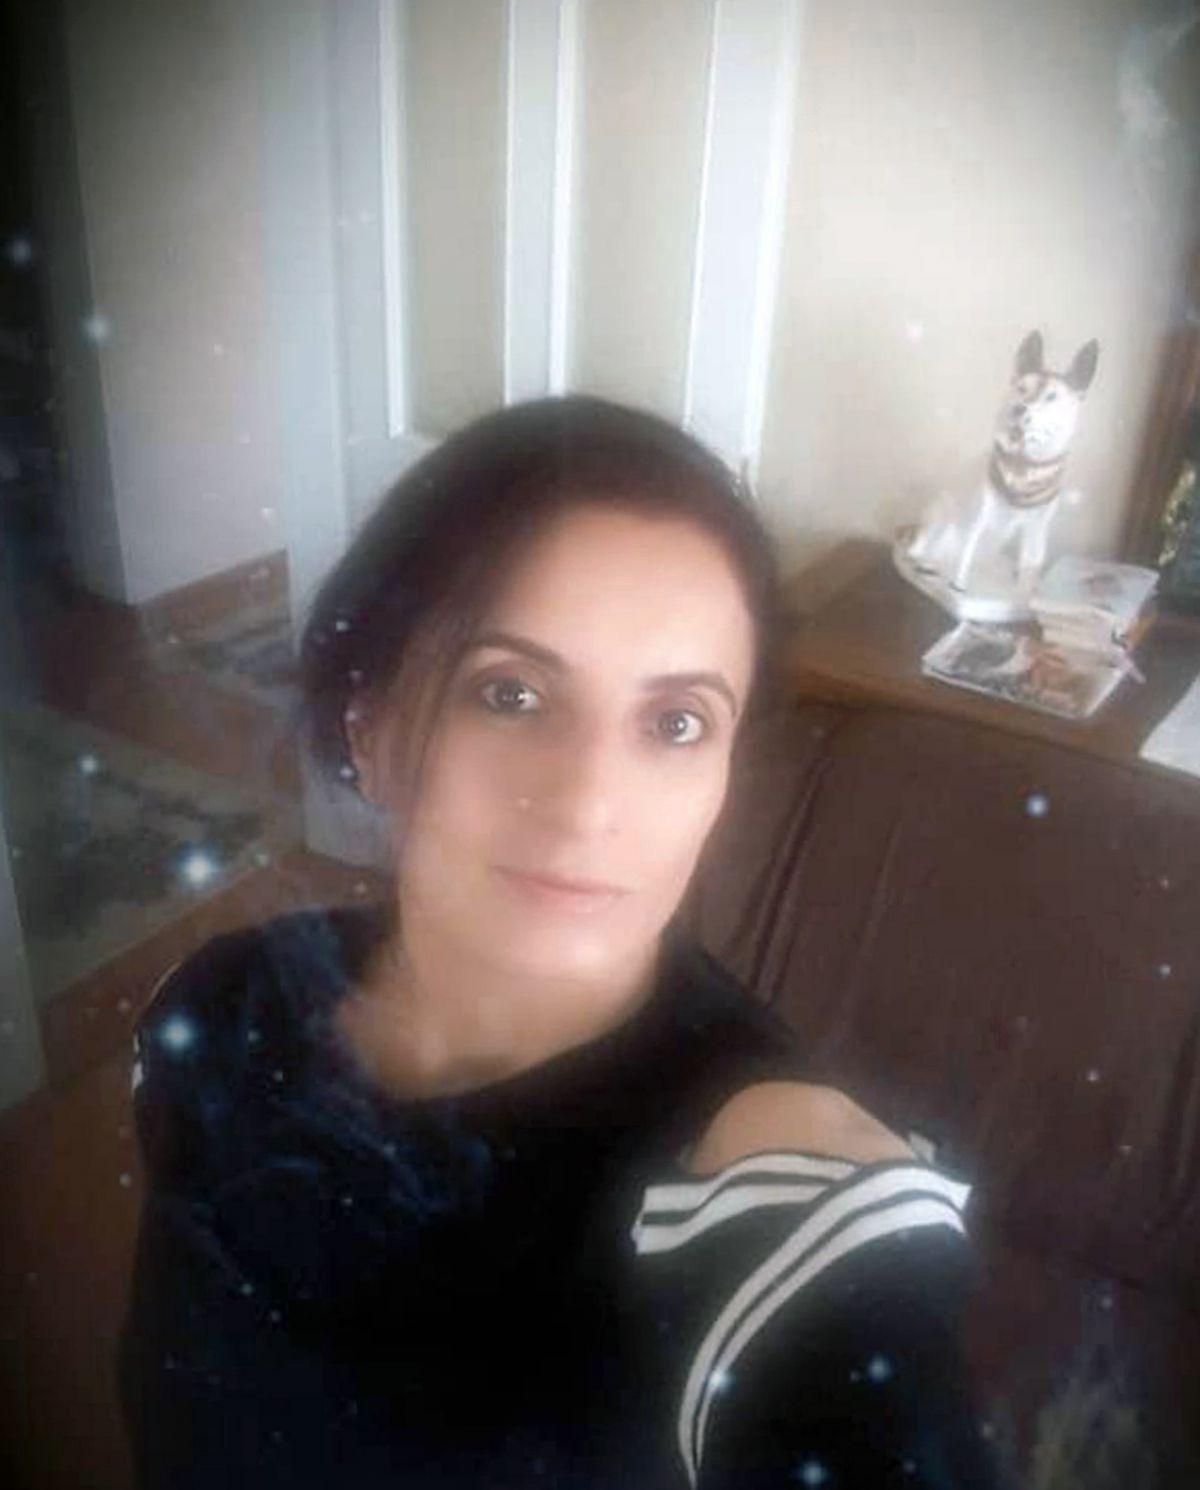 Burdur da öldürülen kadının katili tahliye edilince, adliyede arbede çıktı #2